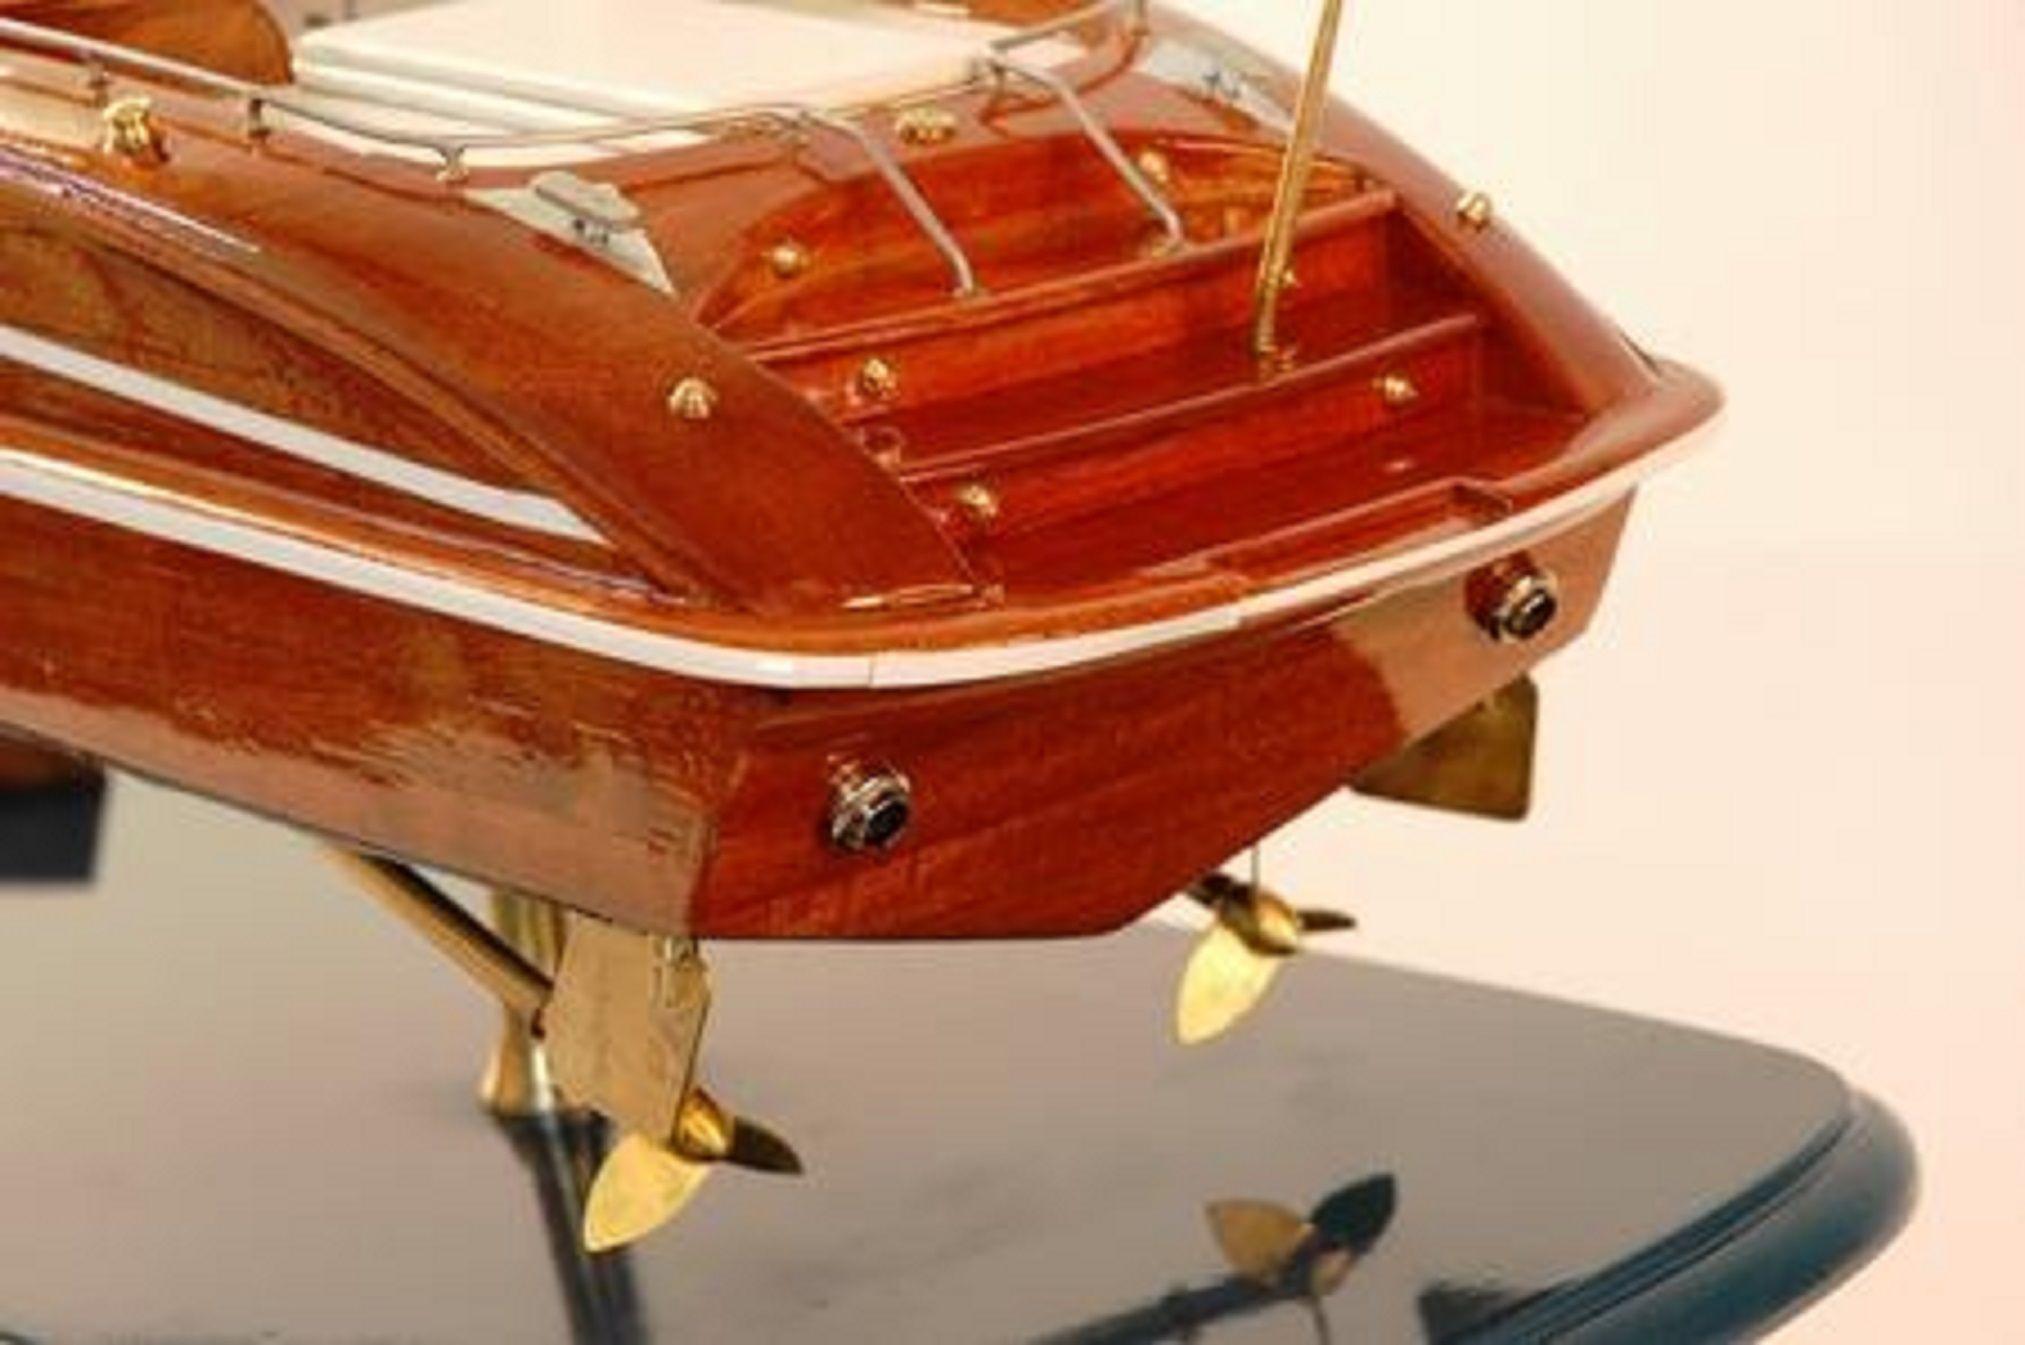 226-7585-Riva-Rama-44-model-boat-Premier-Range